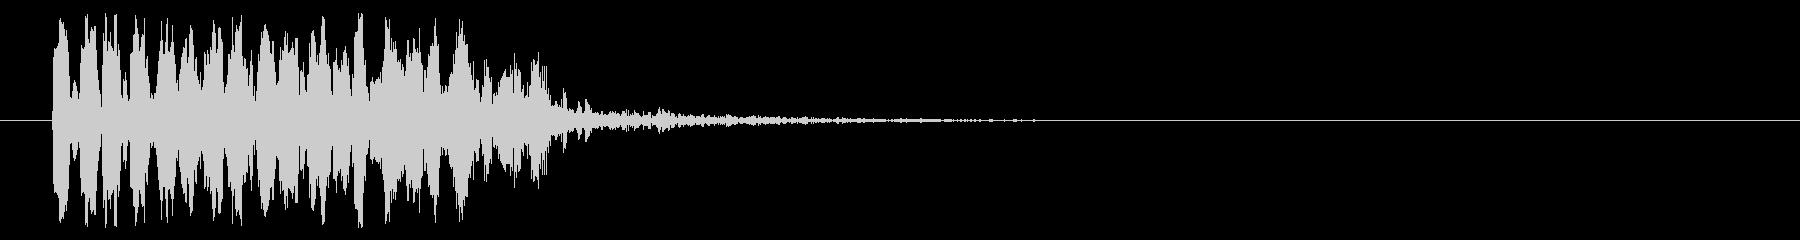 8ビット風シューティング音-02-5_rの未再生の波形